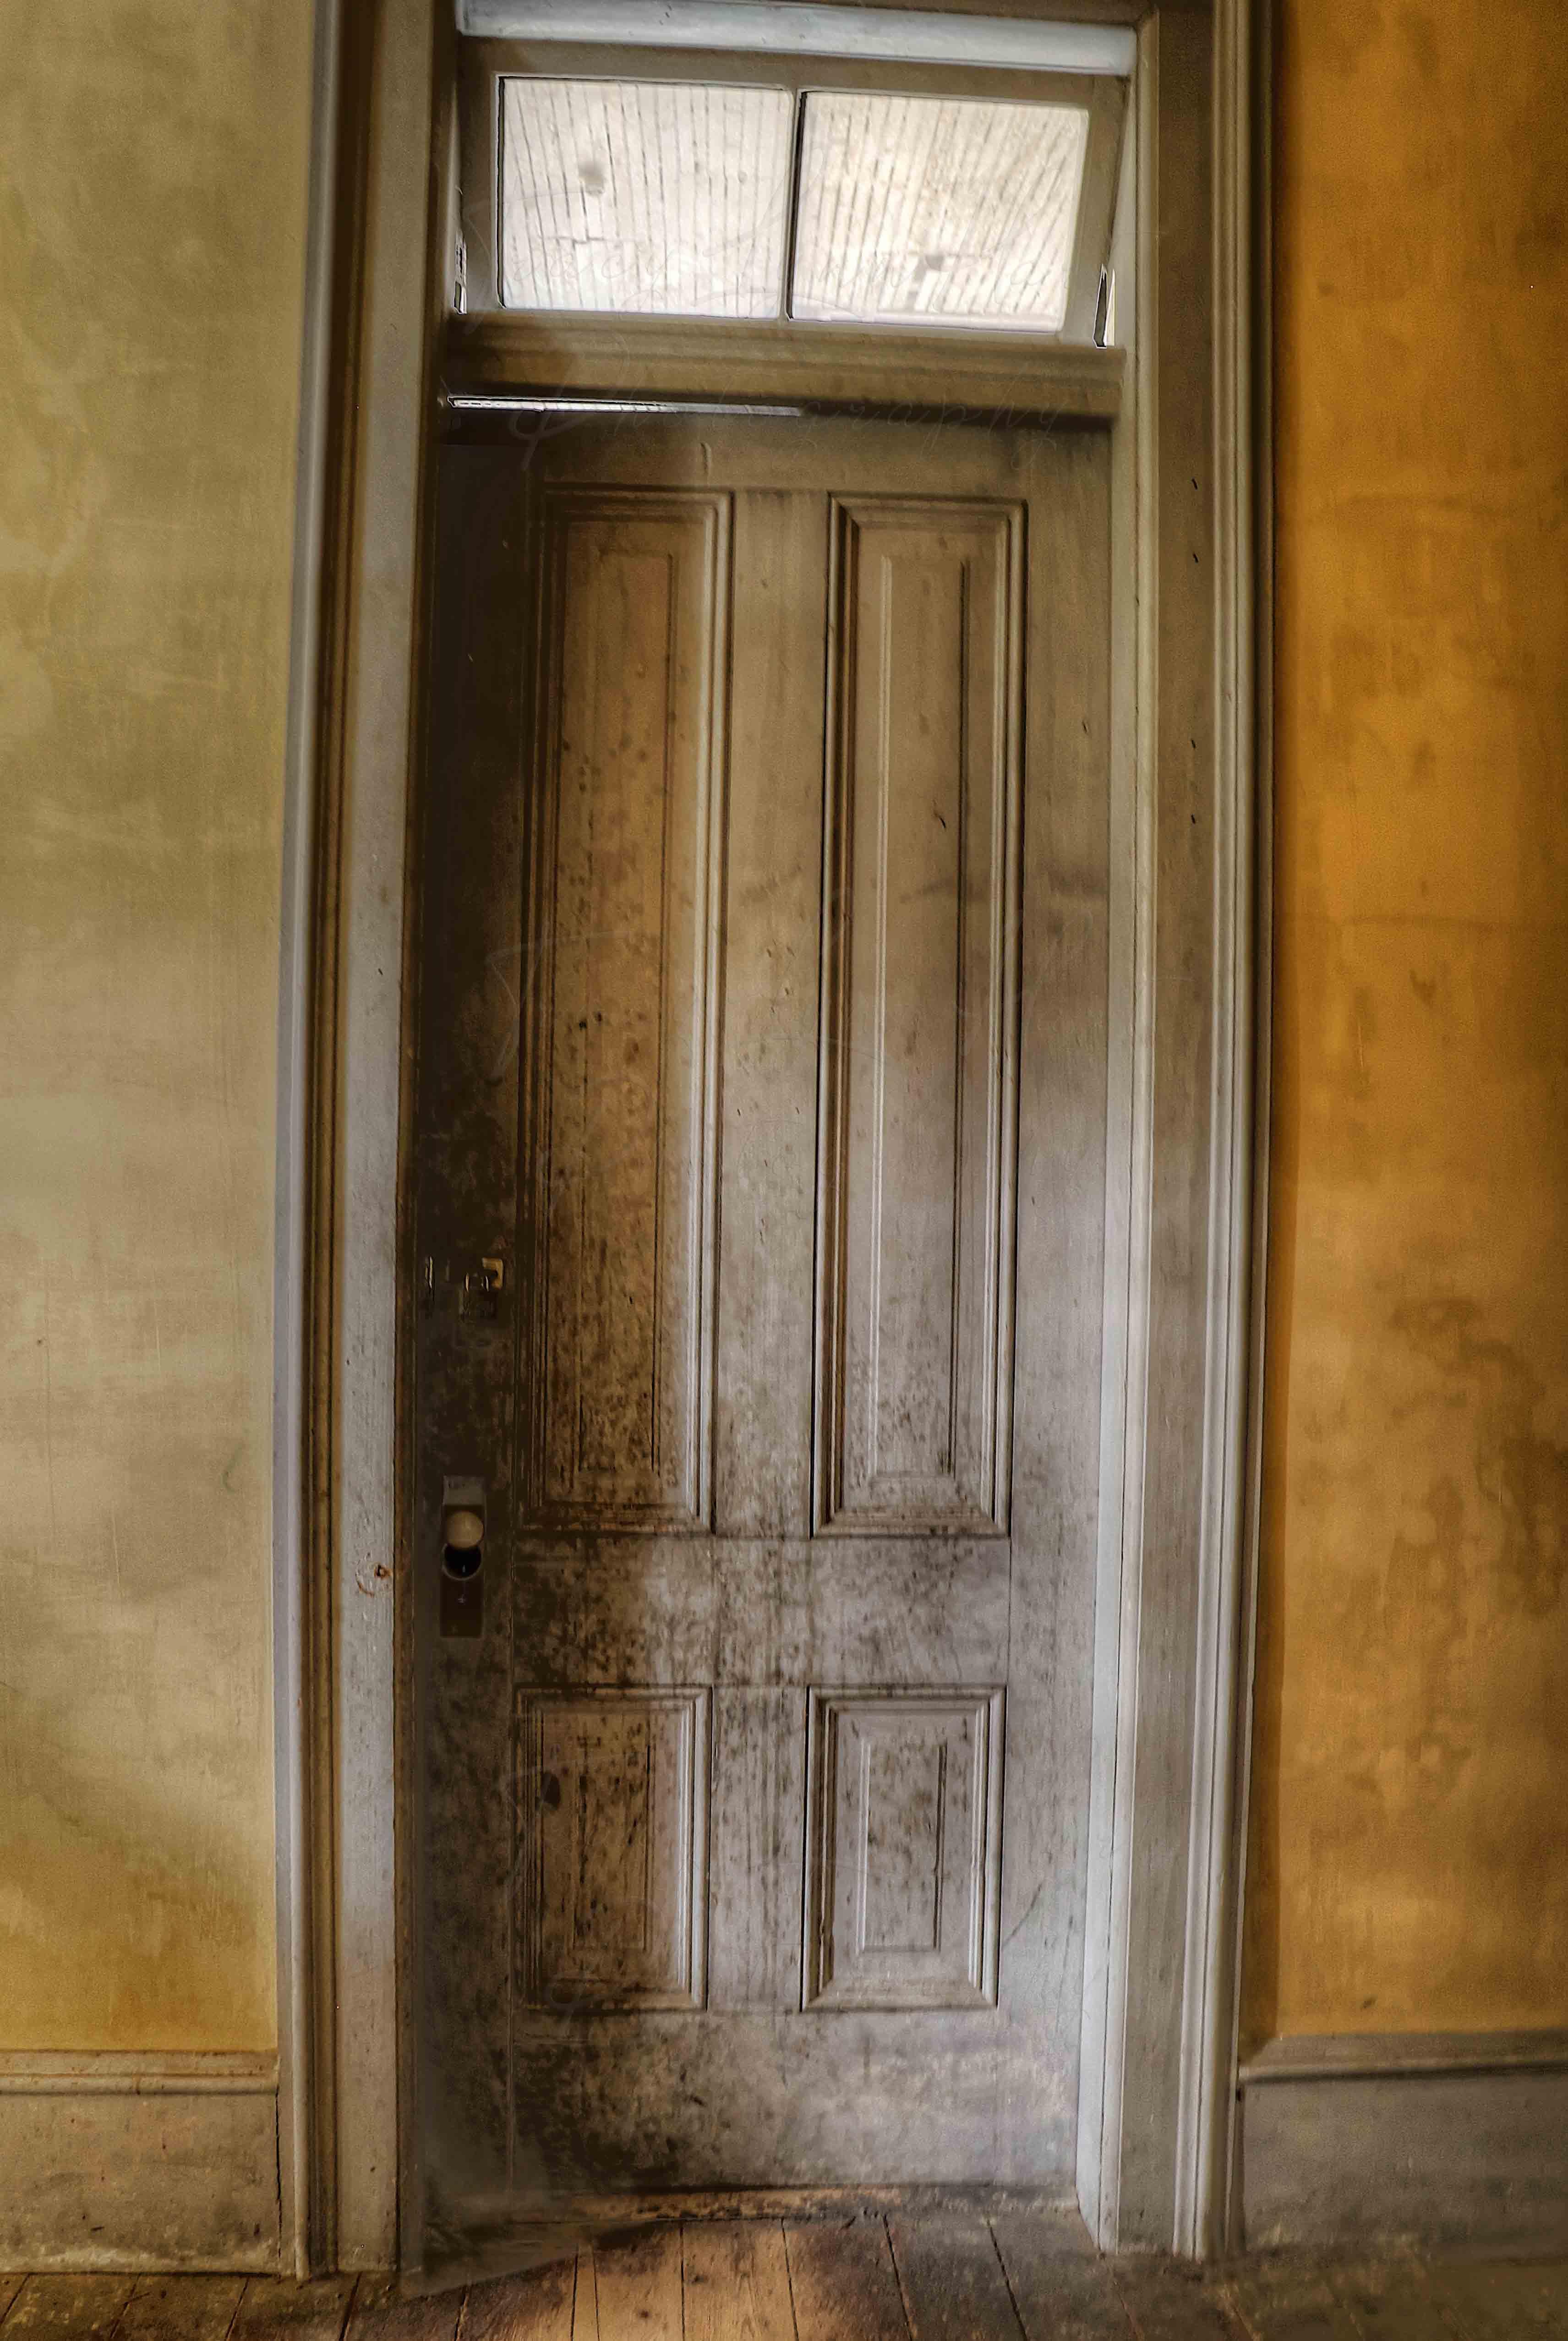 Bad door